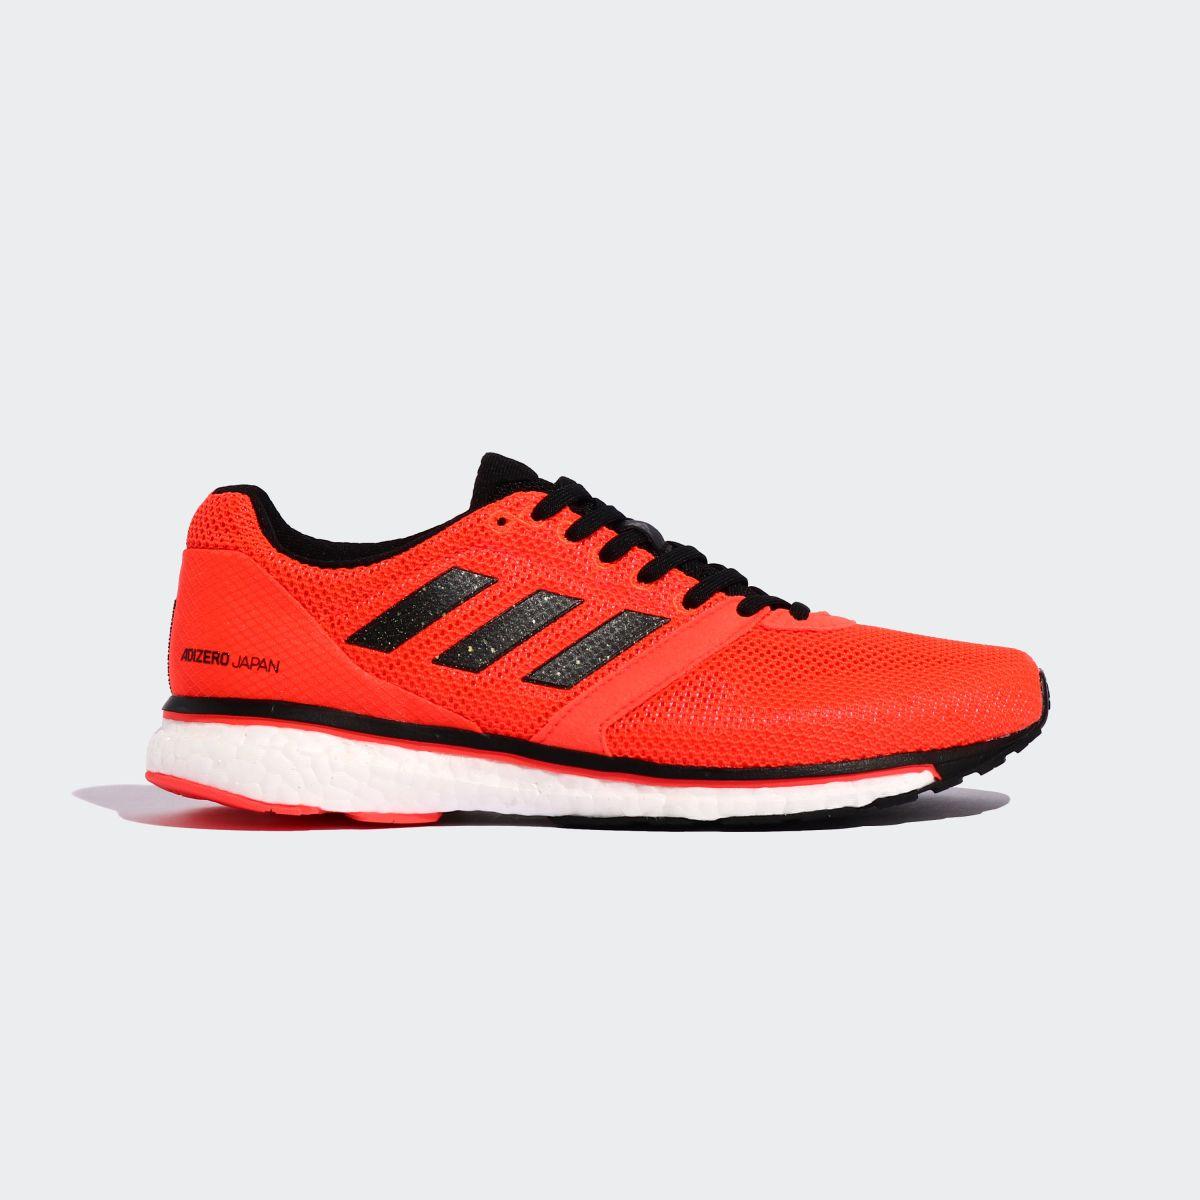 【公式】アディダス adidas アディゼロ ジャパン 4 / adizero Japan 4 メンズ ランニング シューズ スポーツシューズ EF1464